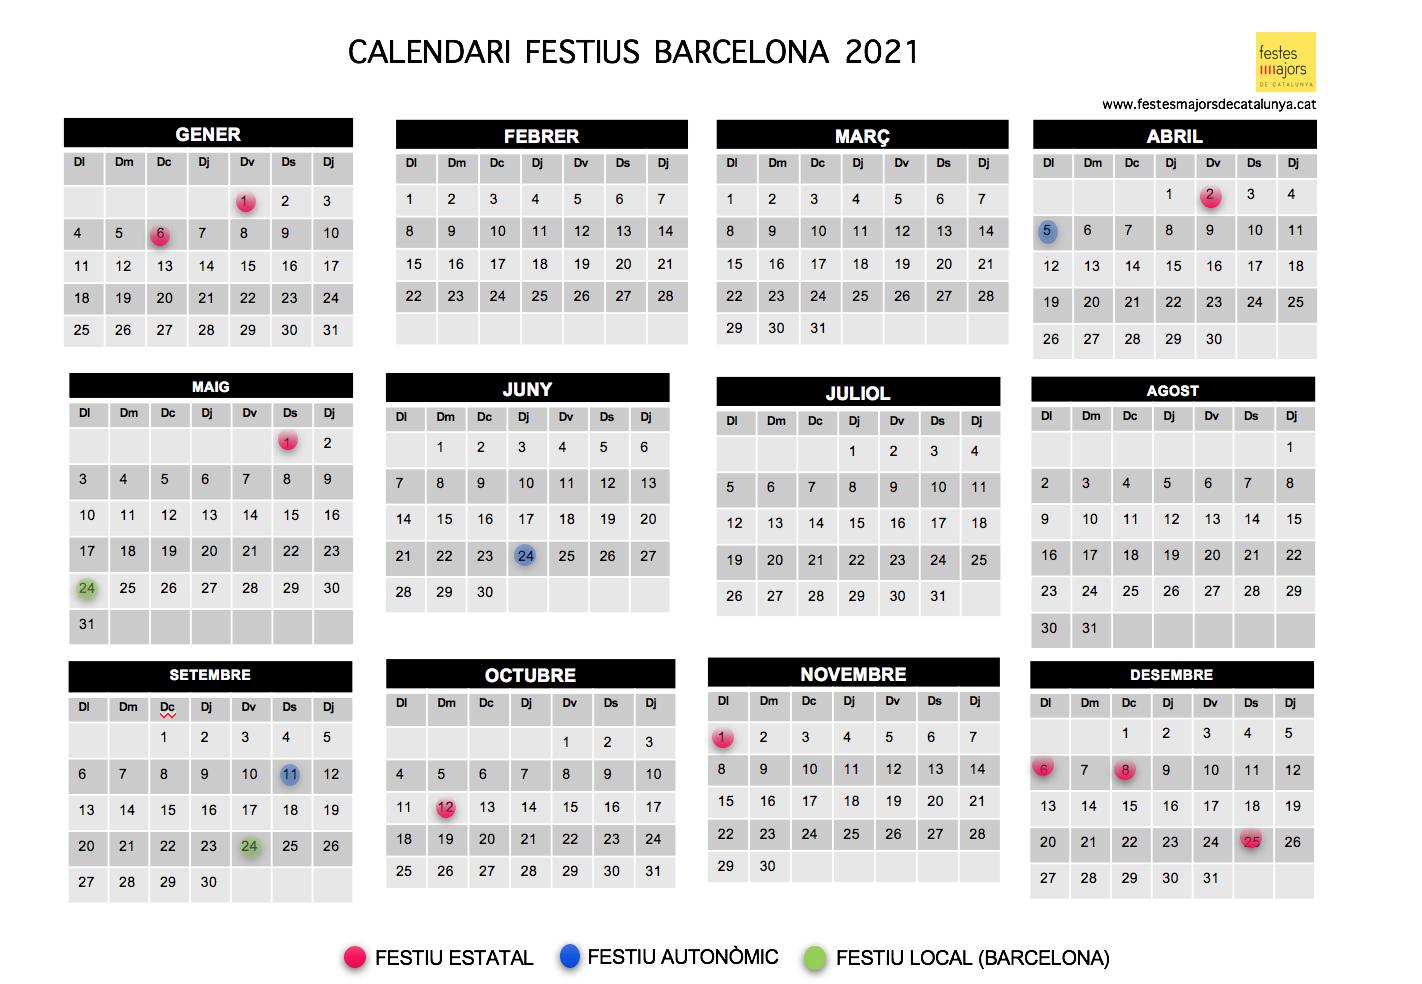 CALENDARI LABORAL 2021 BARCELONA - CALENDARI LABORAL 2021